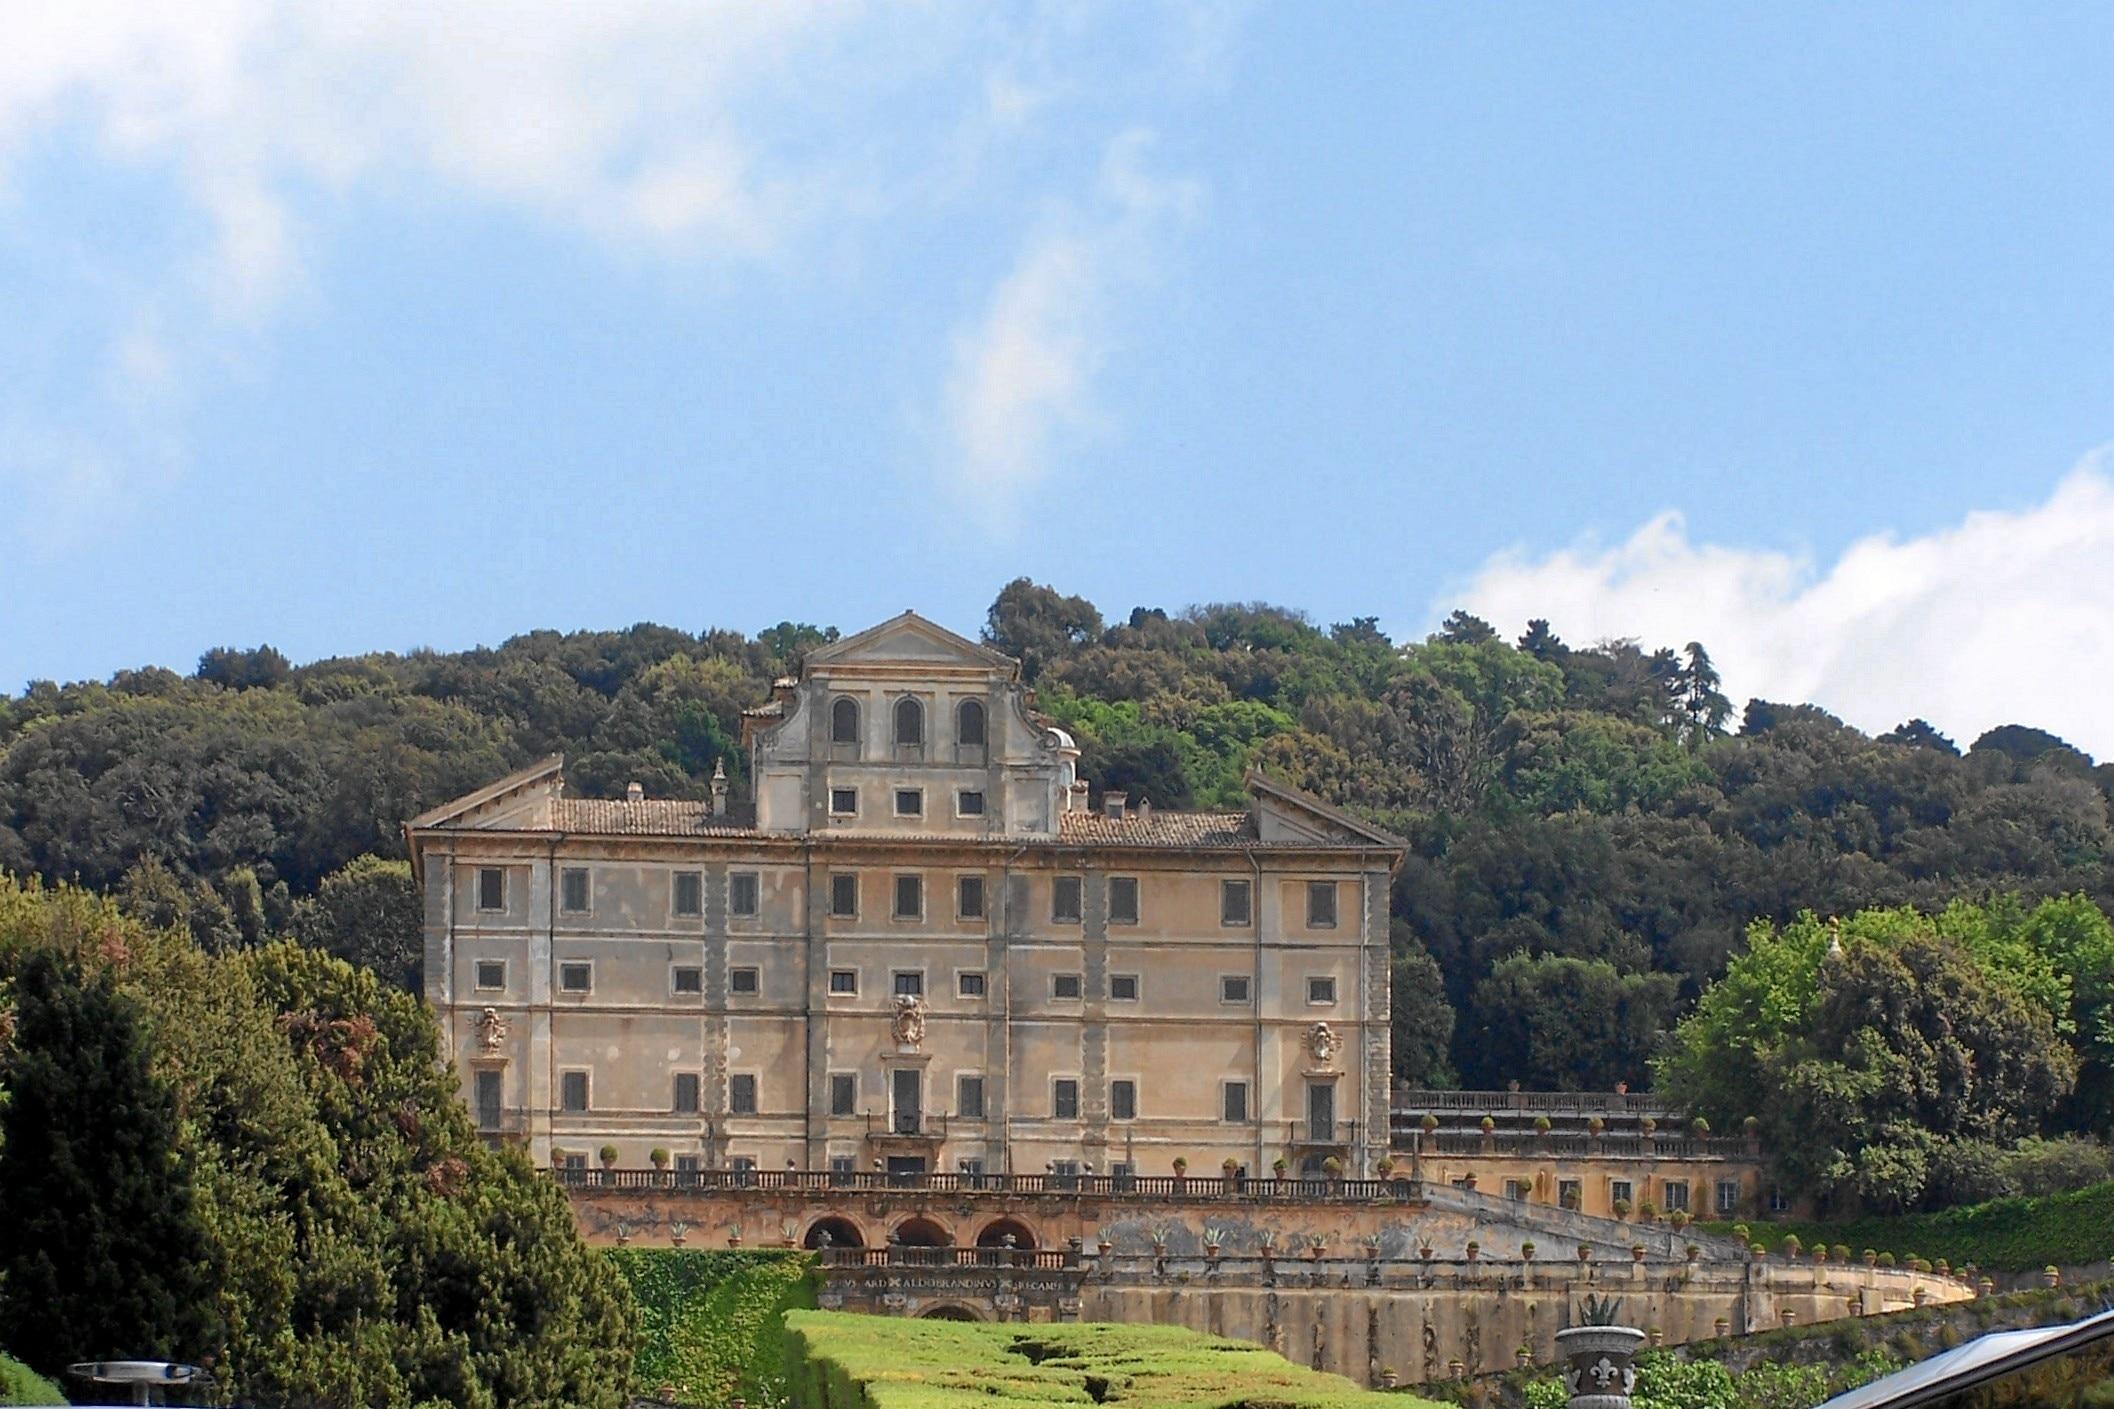 Villa Aldobrandini, Frascati, Latium, Italien